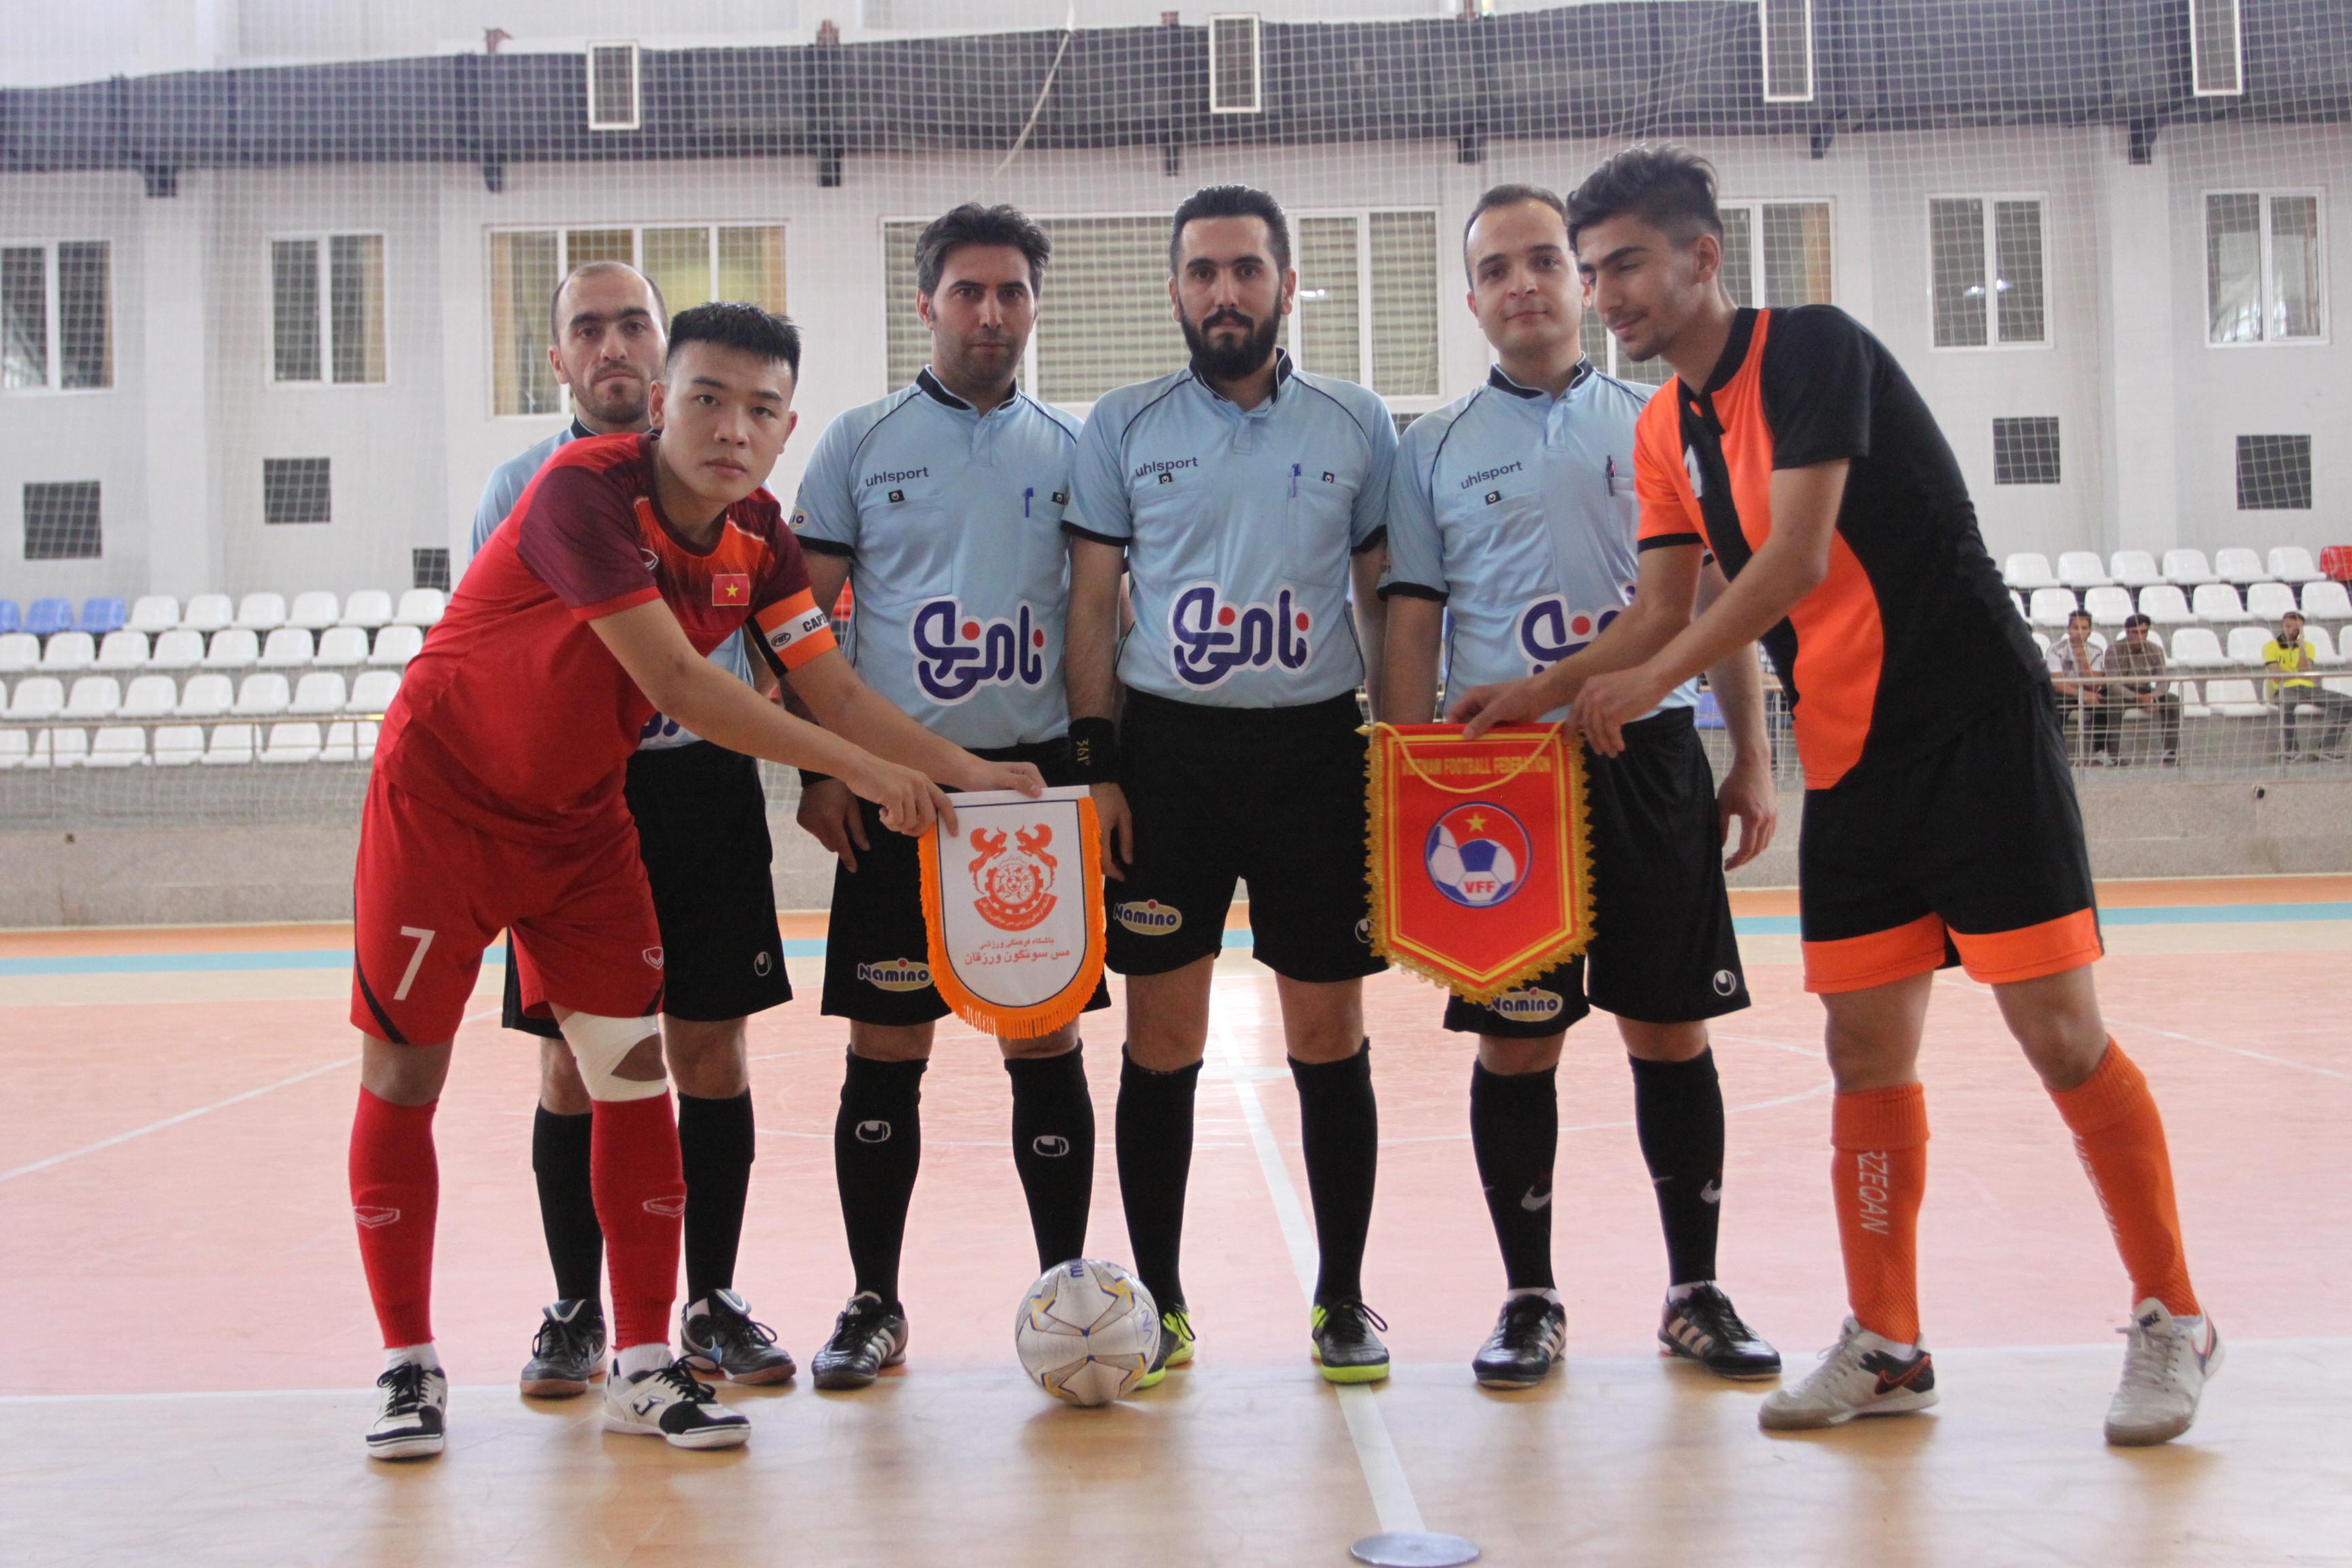 U20 Việt Nam, U20 Futsal Việt Nam, vô địch châu Á Futsal, Mes Sungun futsal, VCK U20 Futsal châu Á 2019